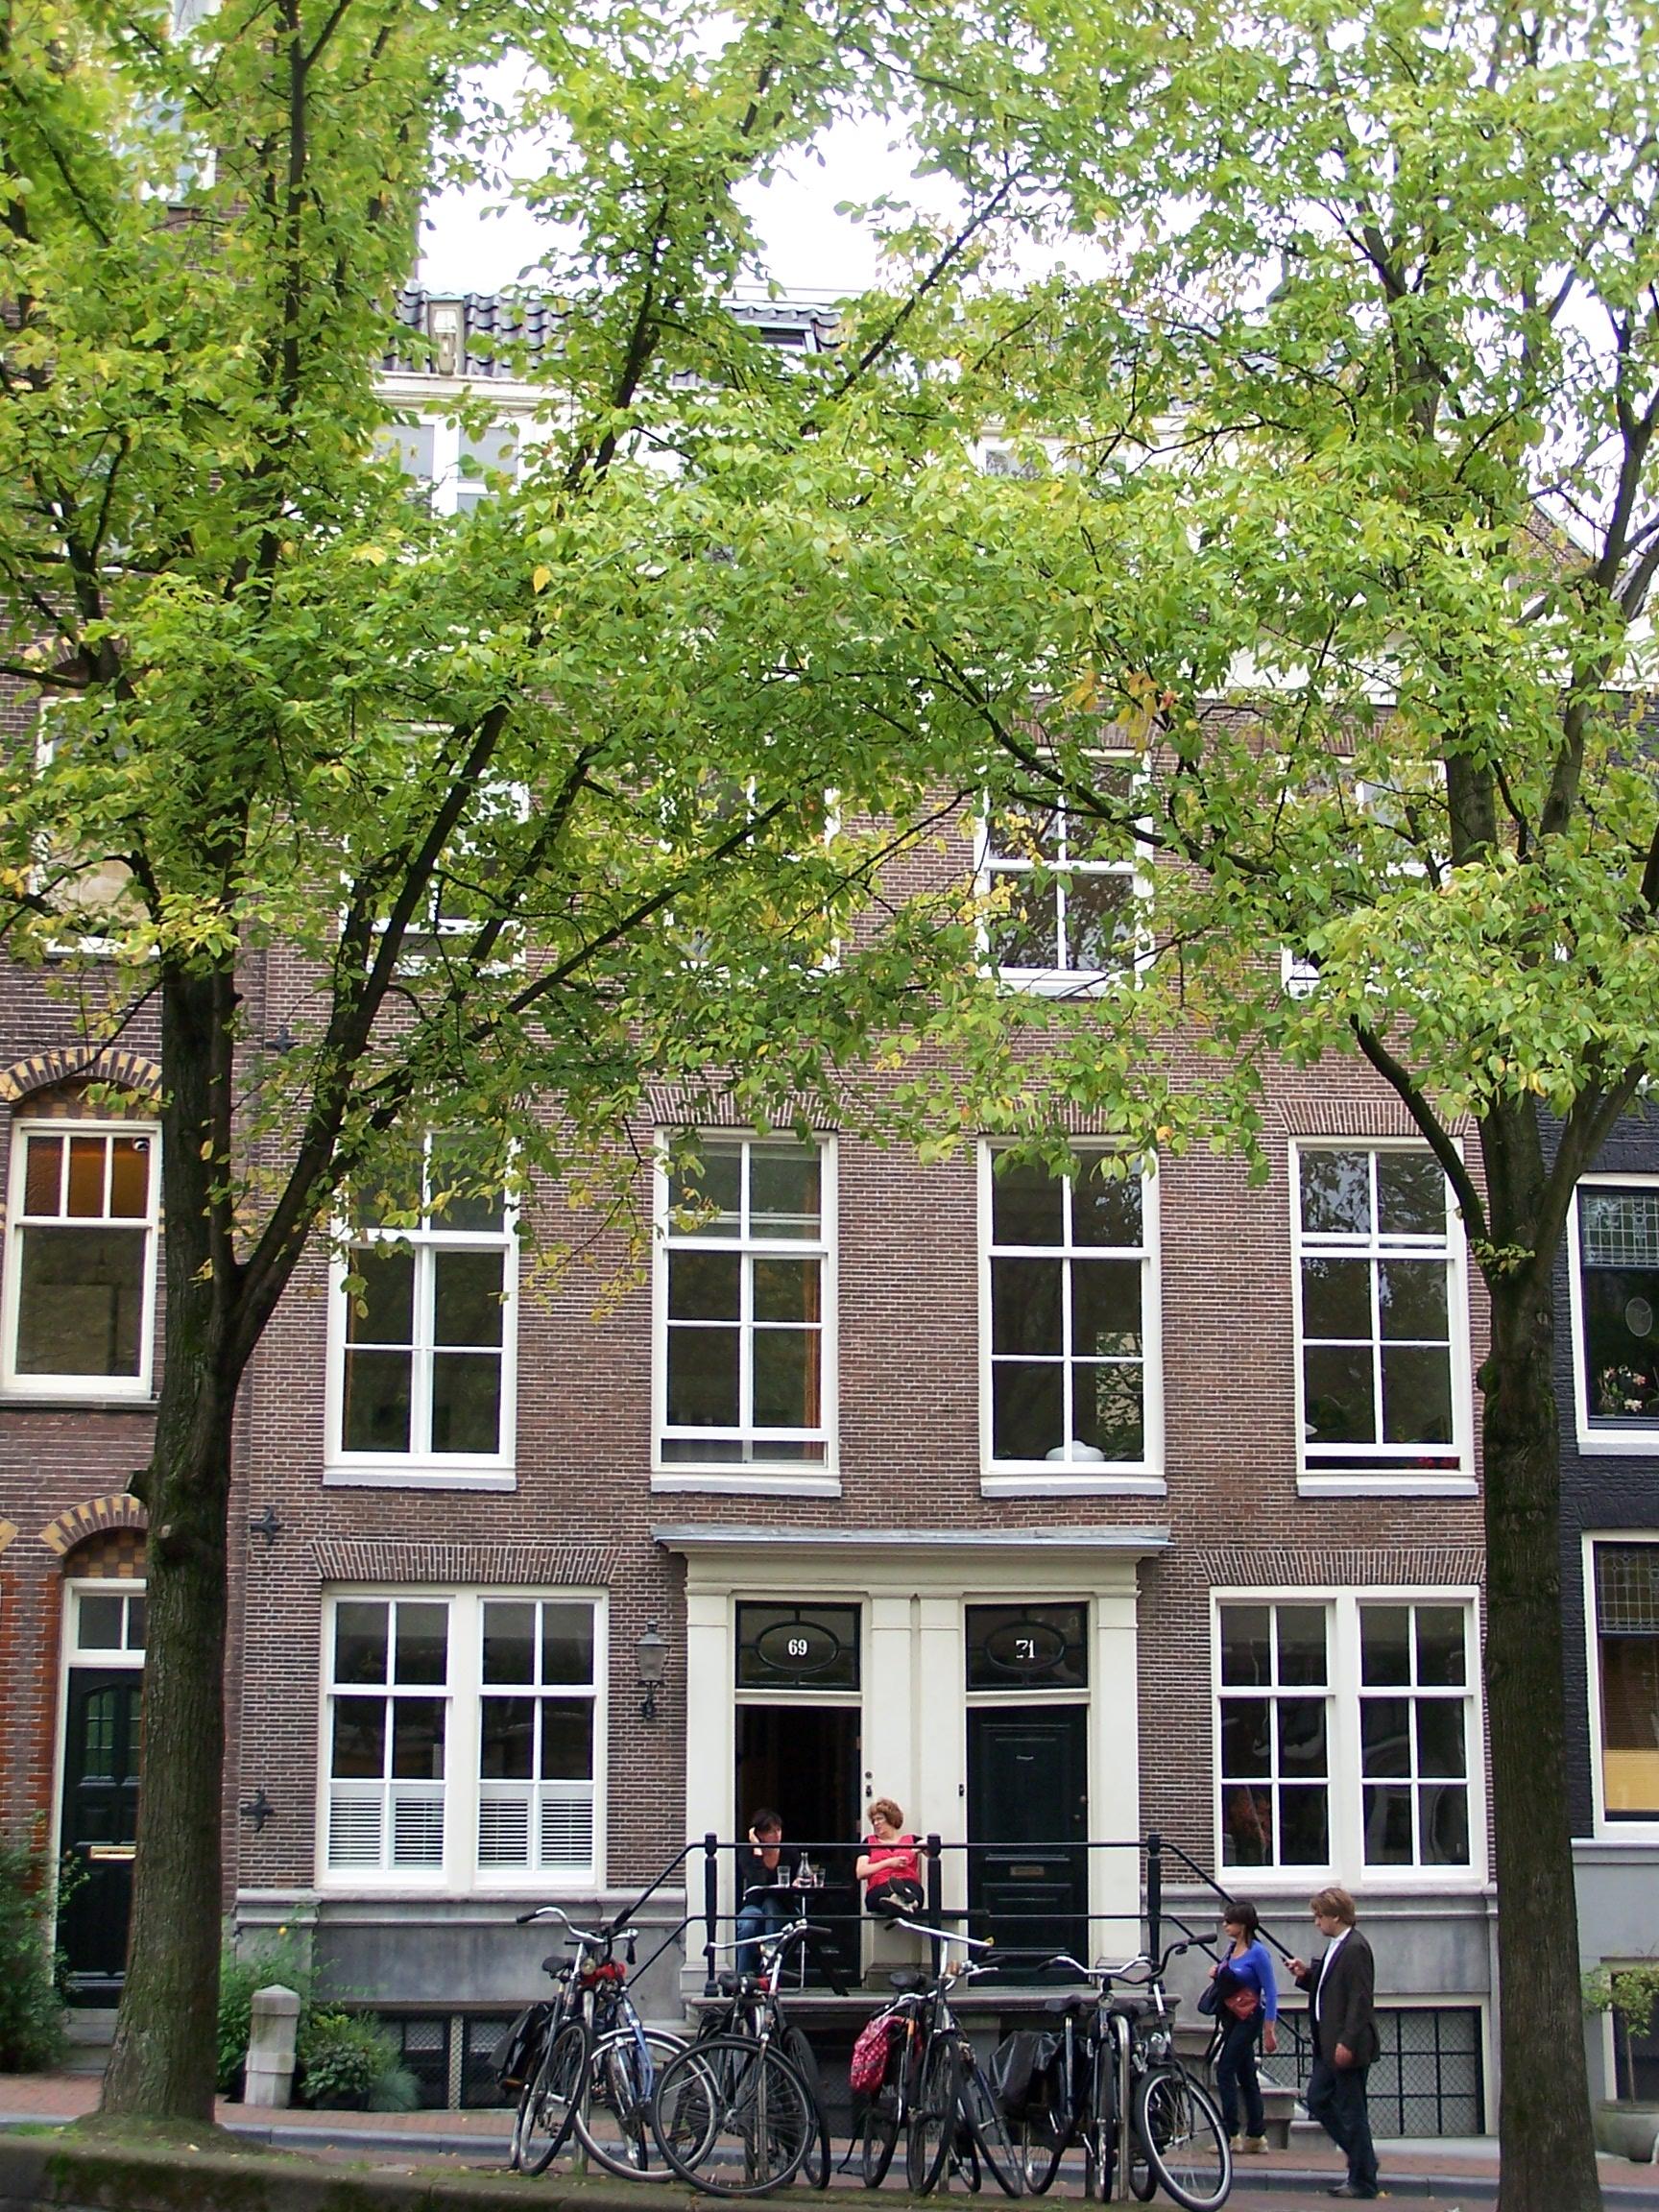 Huis achter gemeenschappelijke gevel met het nr 69 onder for Lijst inrichting huis